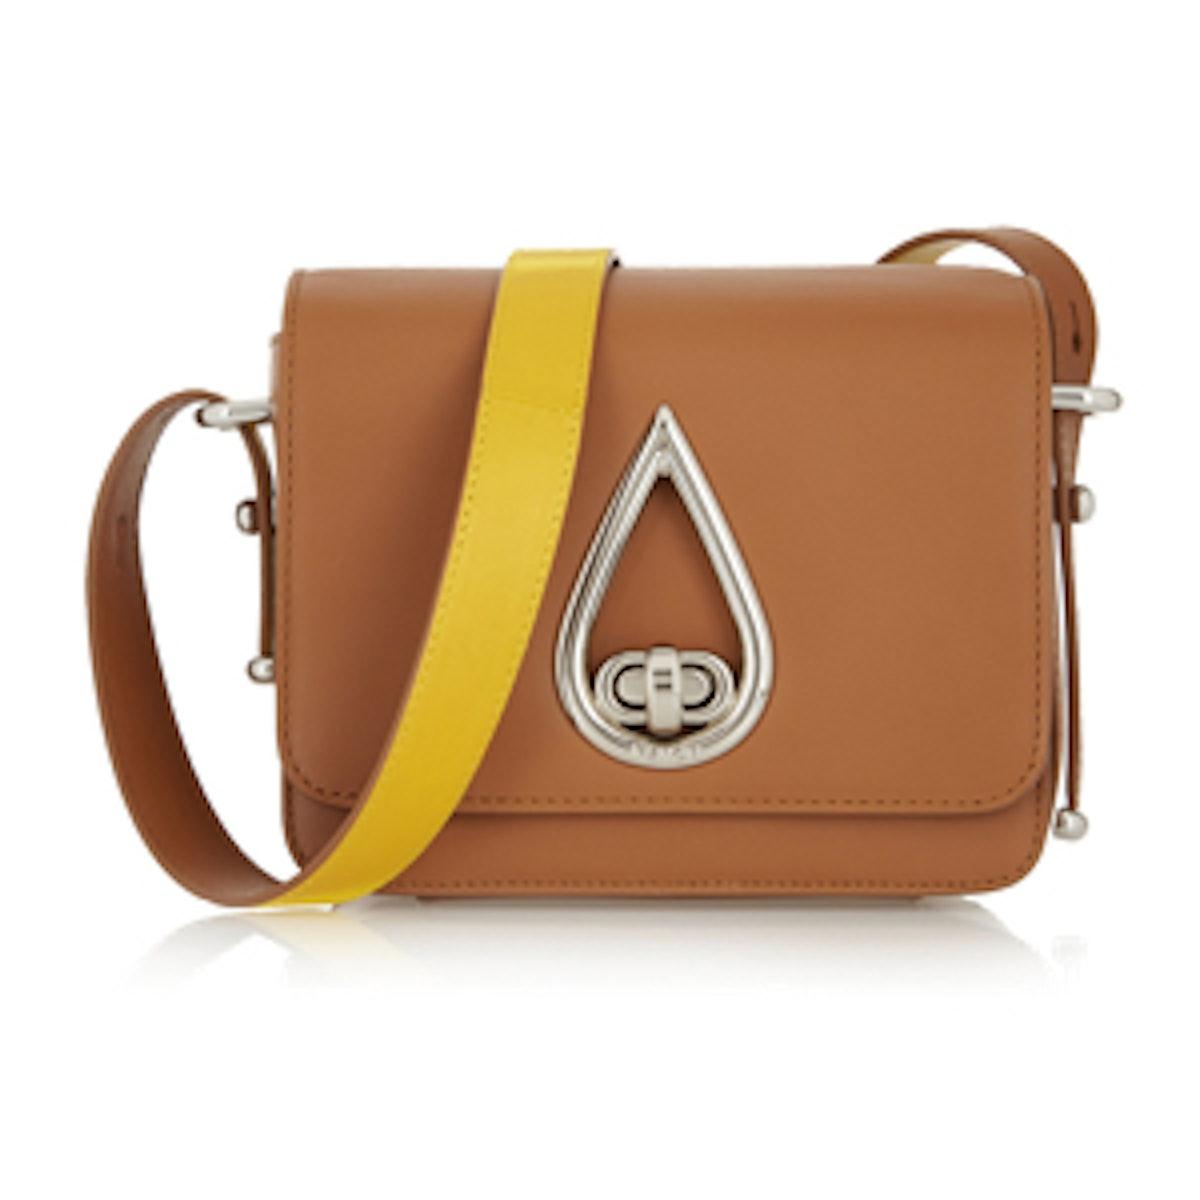 Raindrop Leather Shoulder Bag